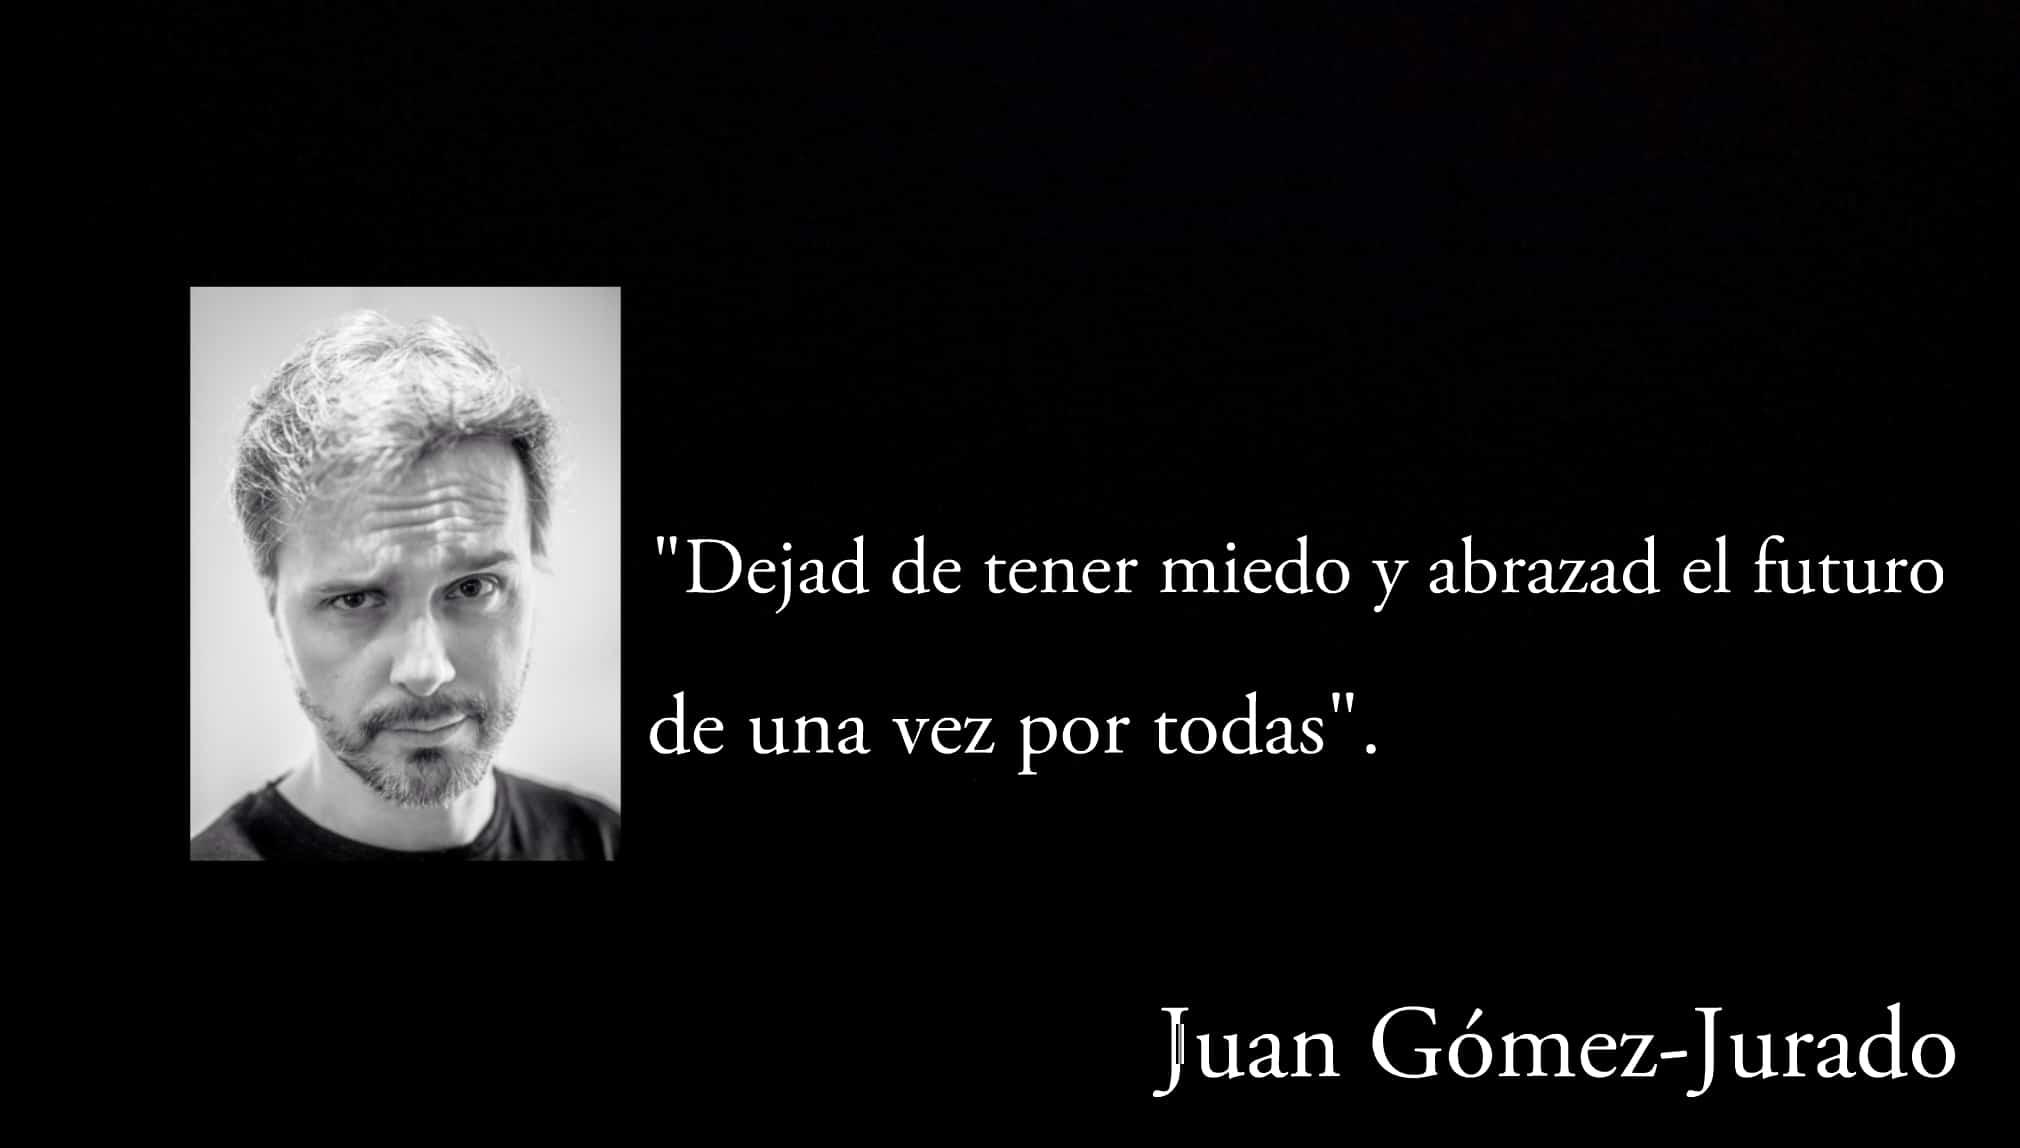 Frase de Juan Gómez-Jurado.